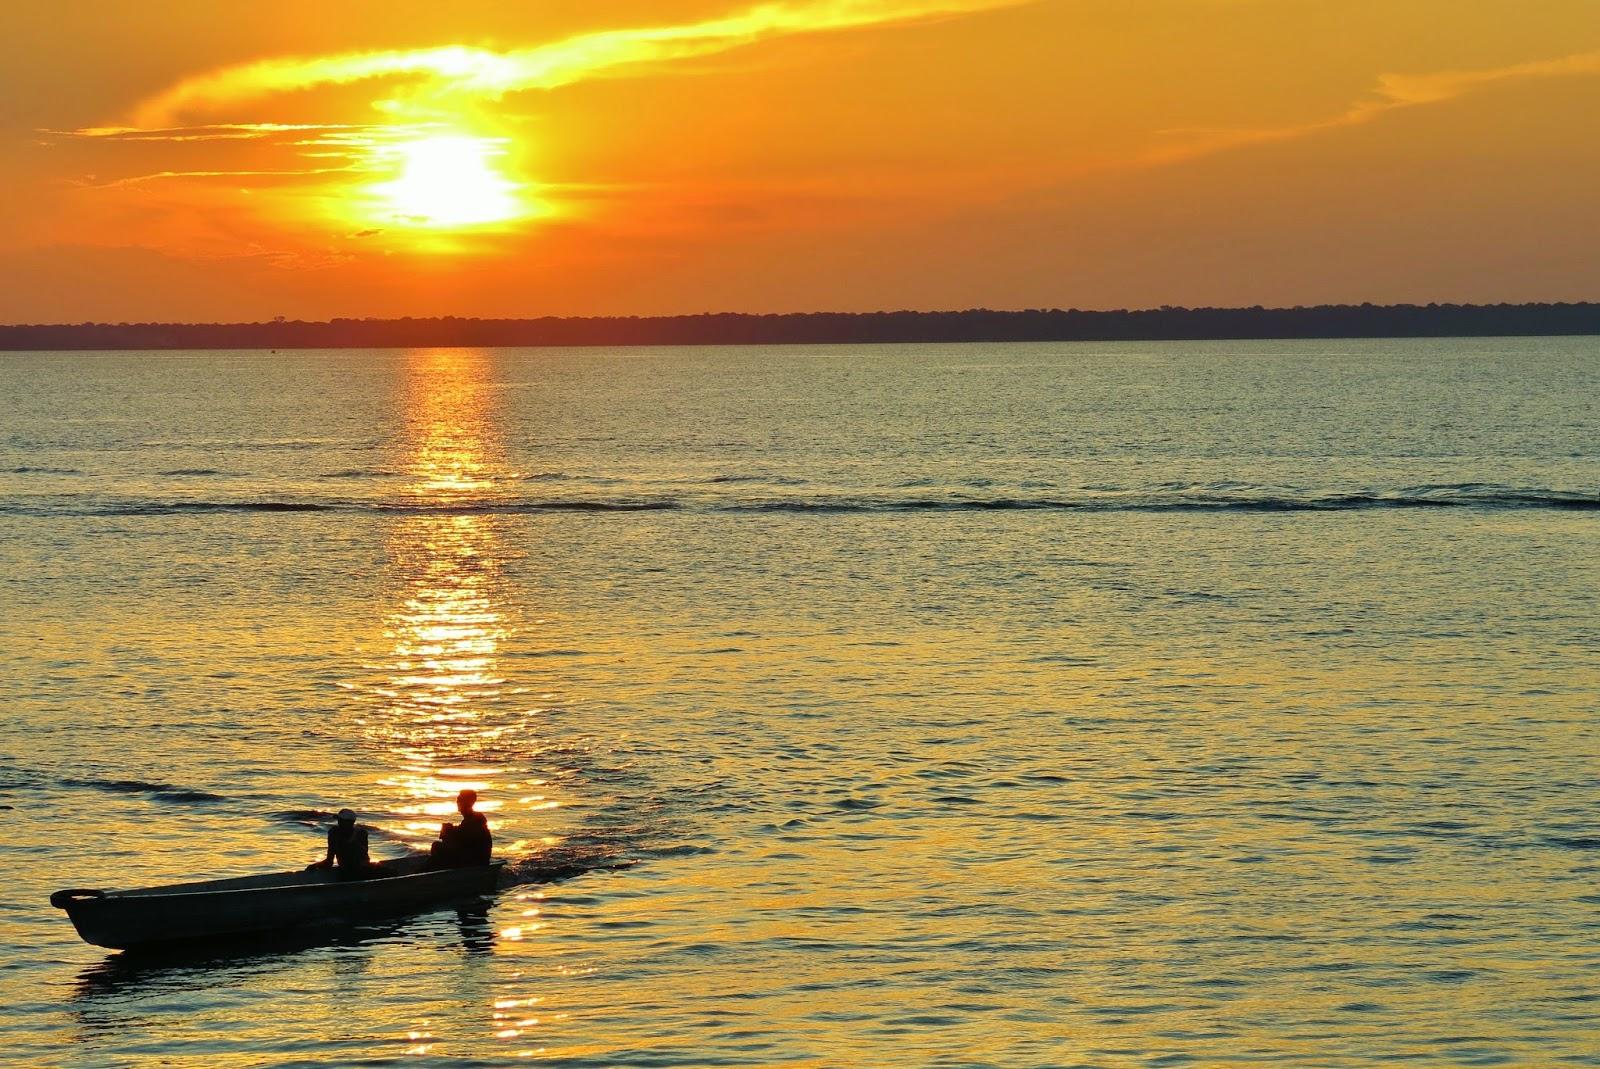 Primeiro dia de viagem de barco comunitário pelo Rio Solimões.